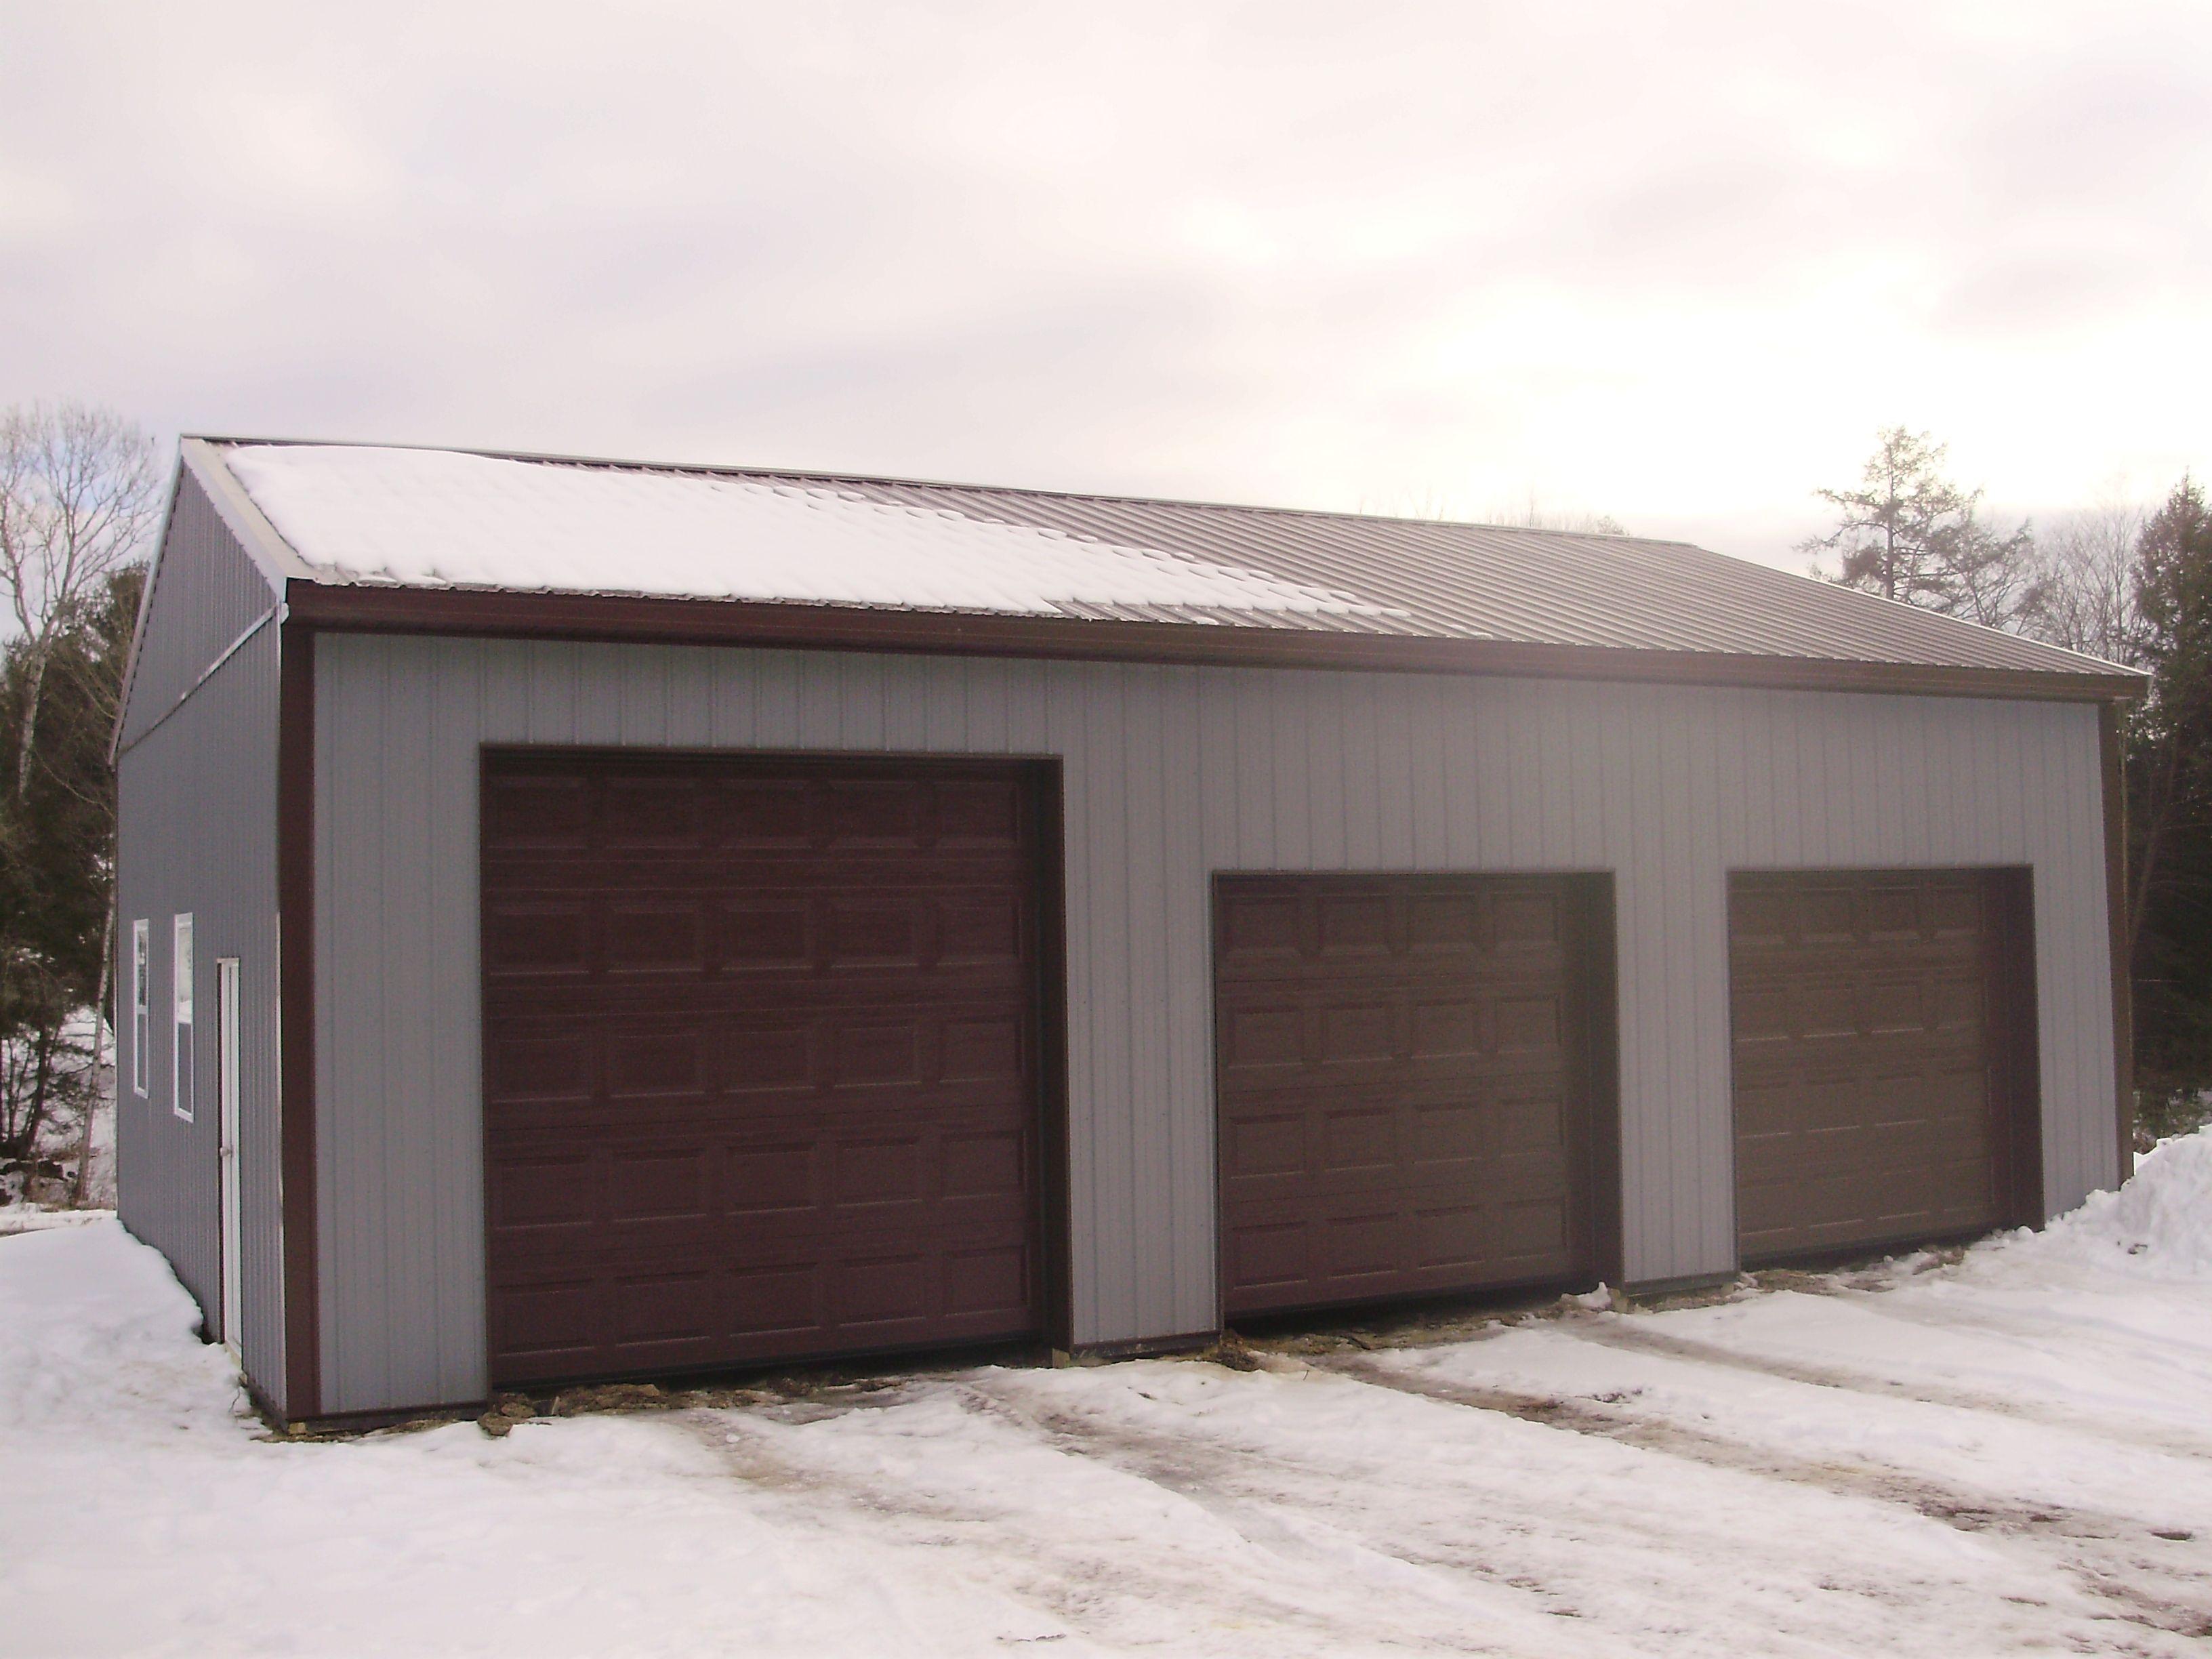 Building Dimensions 30 W X 40 L X 12 4 H Id 312 Visit Http Pioneerpolebuildings Com Portfolio Proj Garage House Plans Garage Design Metal Buildings